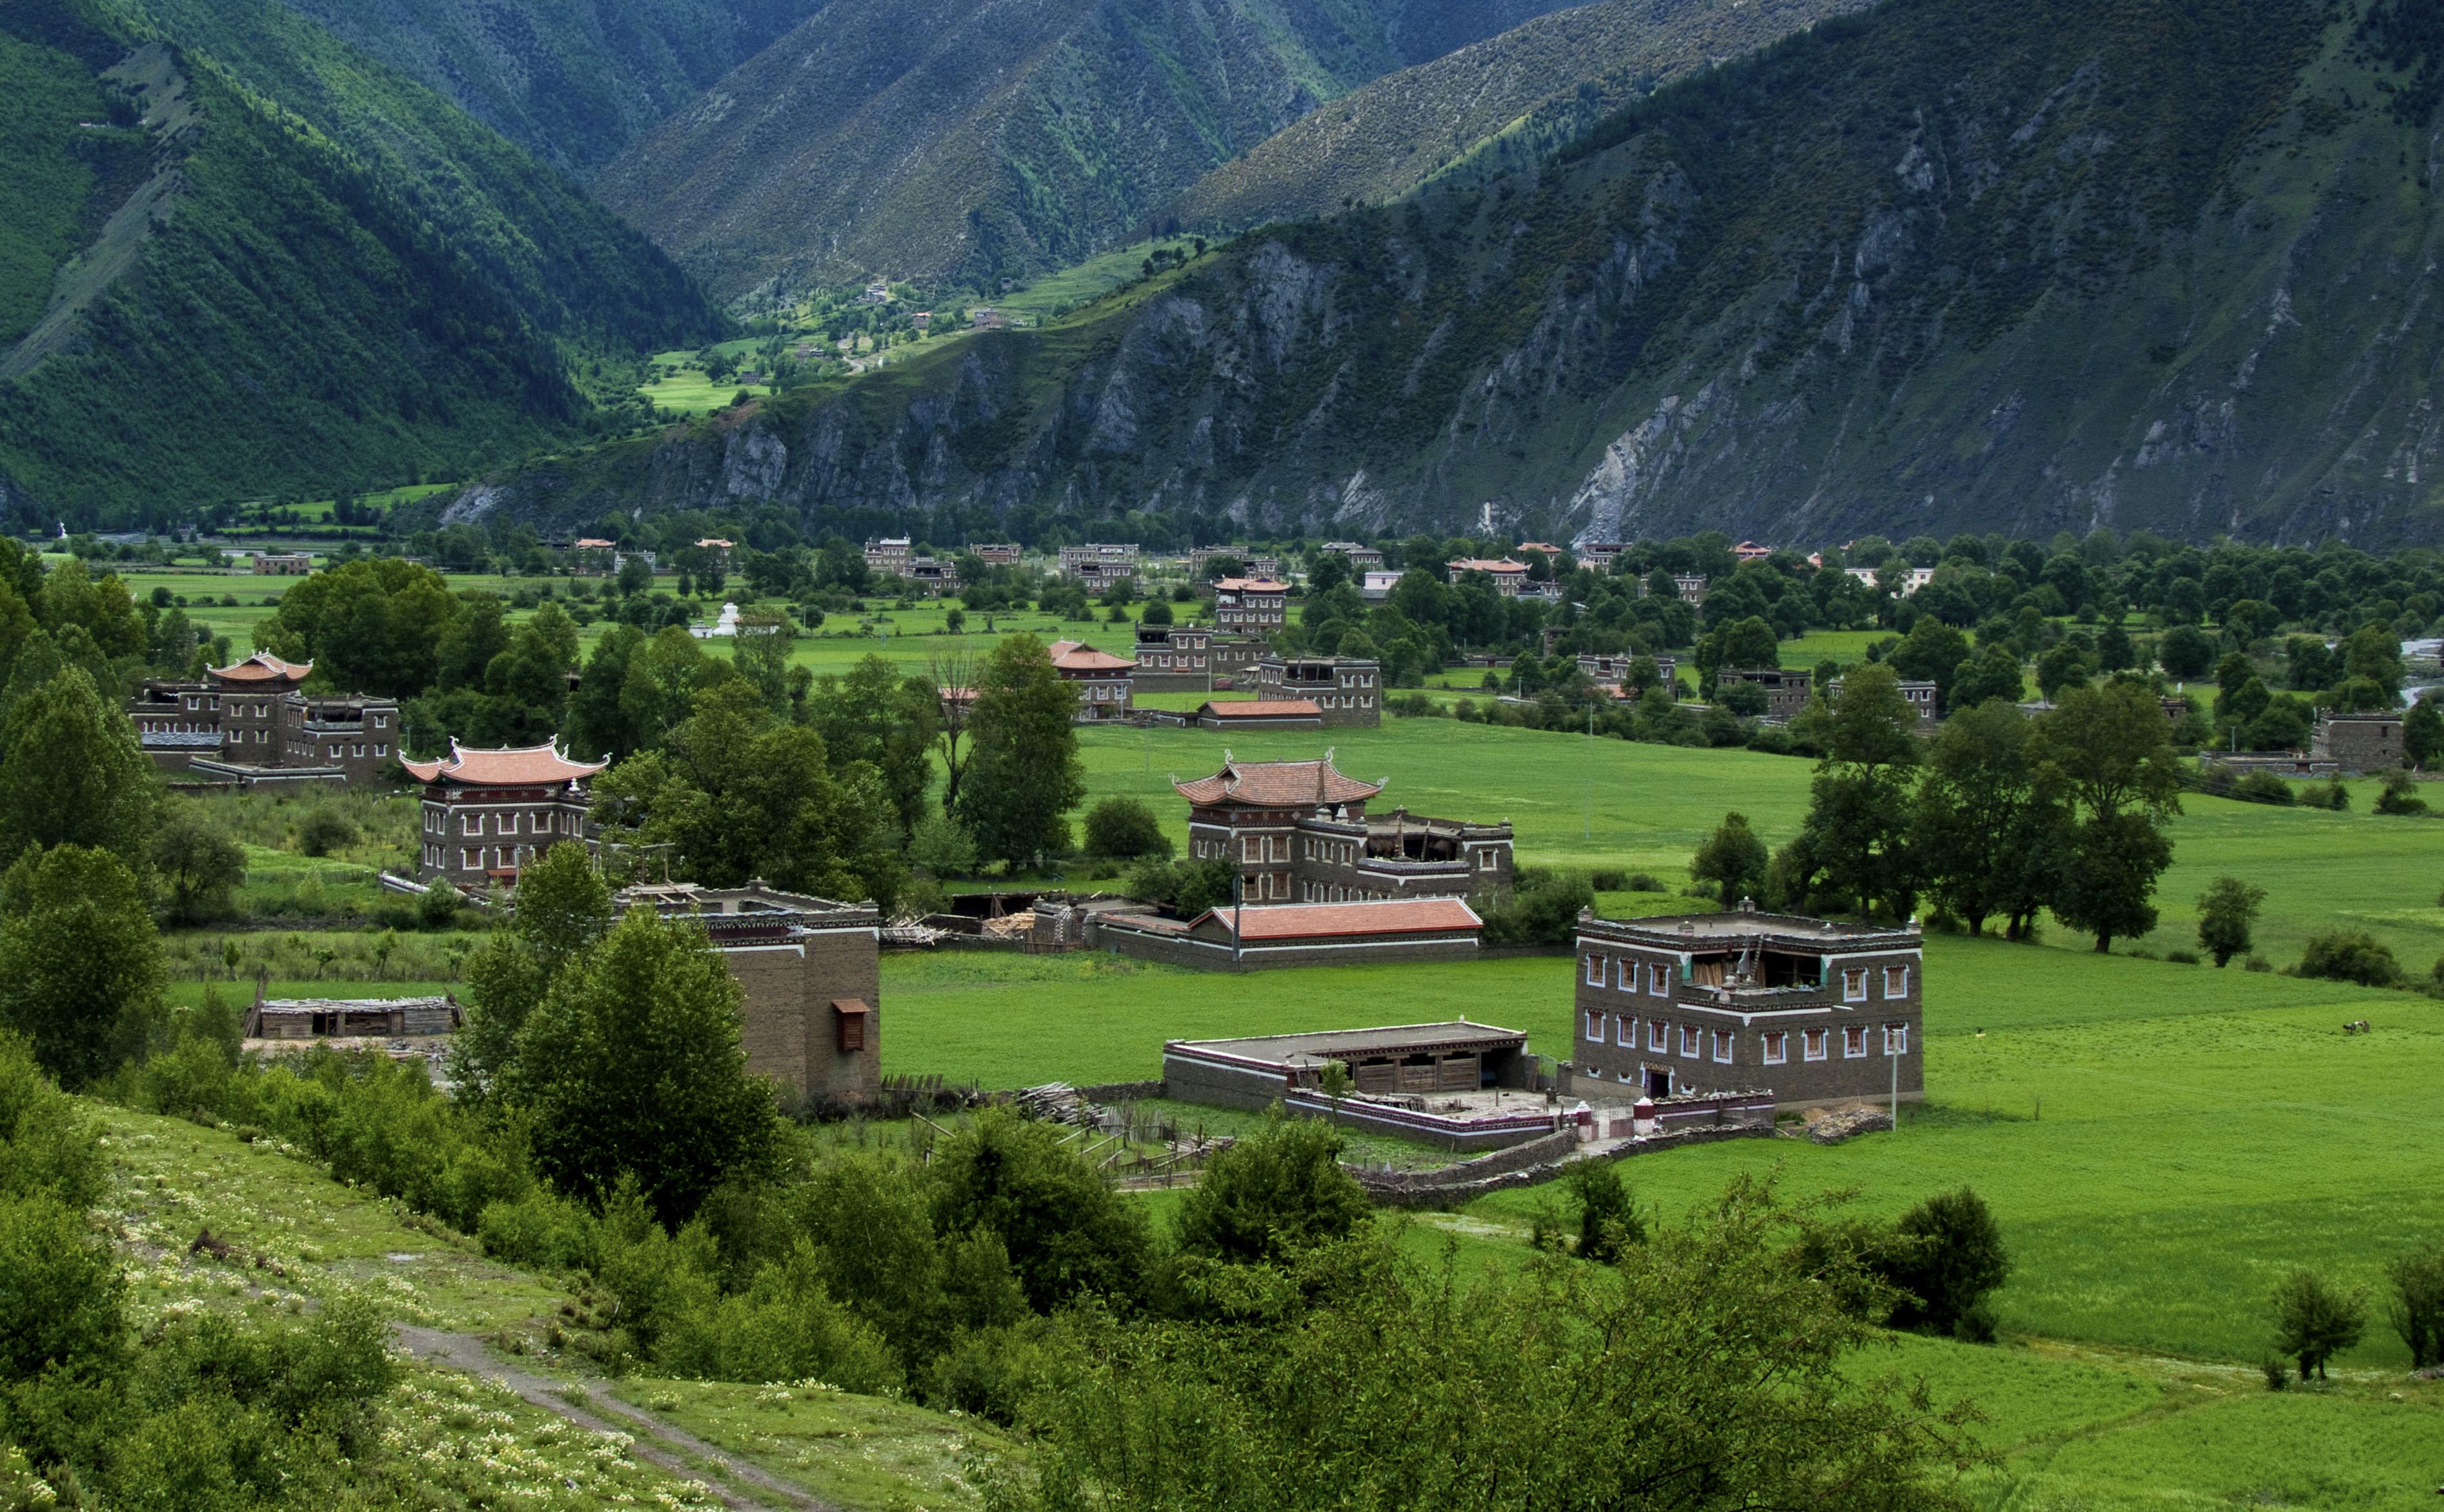 趣说甘孜丨造型别致、气势宏大的康巴藏民居